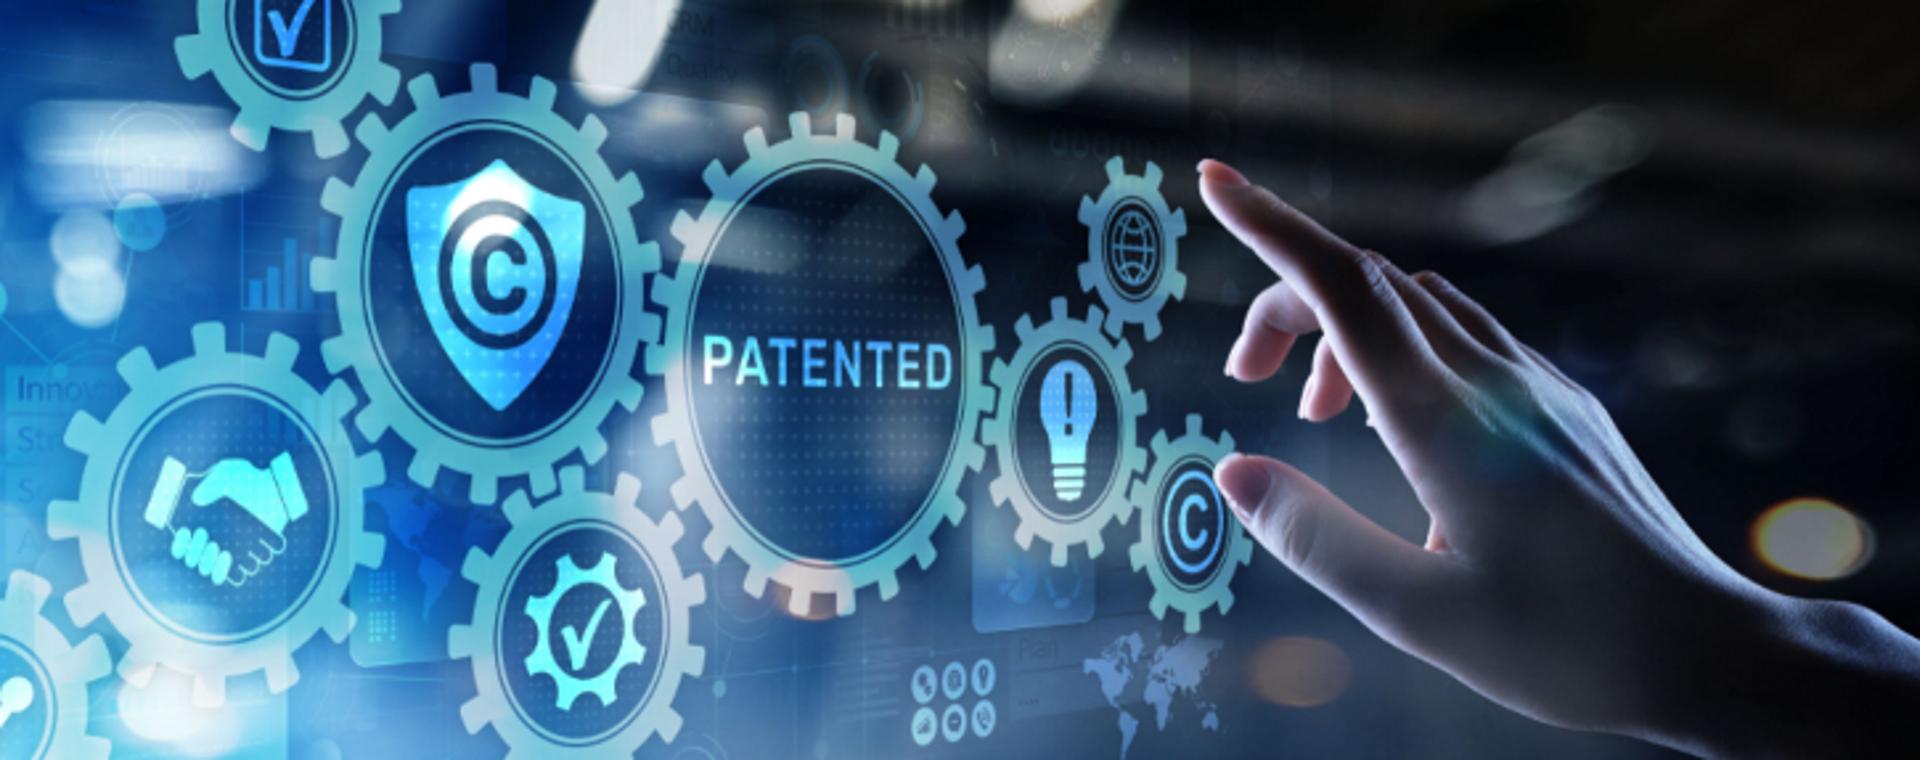 SHIPmEnTT: prorogata la scadenza della call sulla proprietà intellettuale a supporto delle PMI